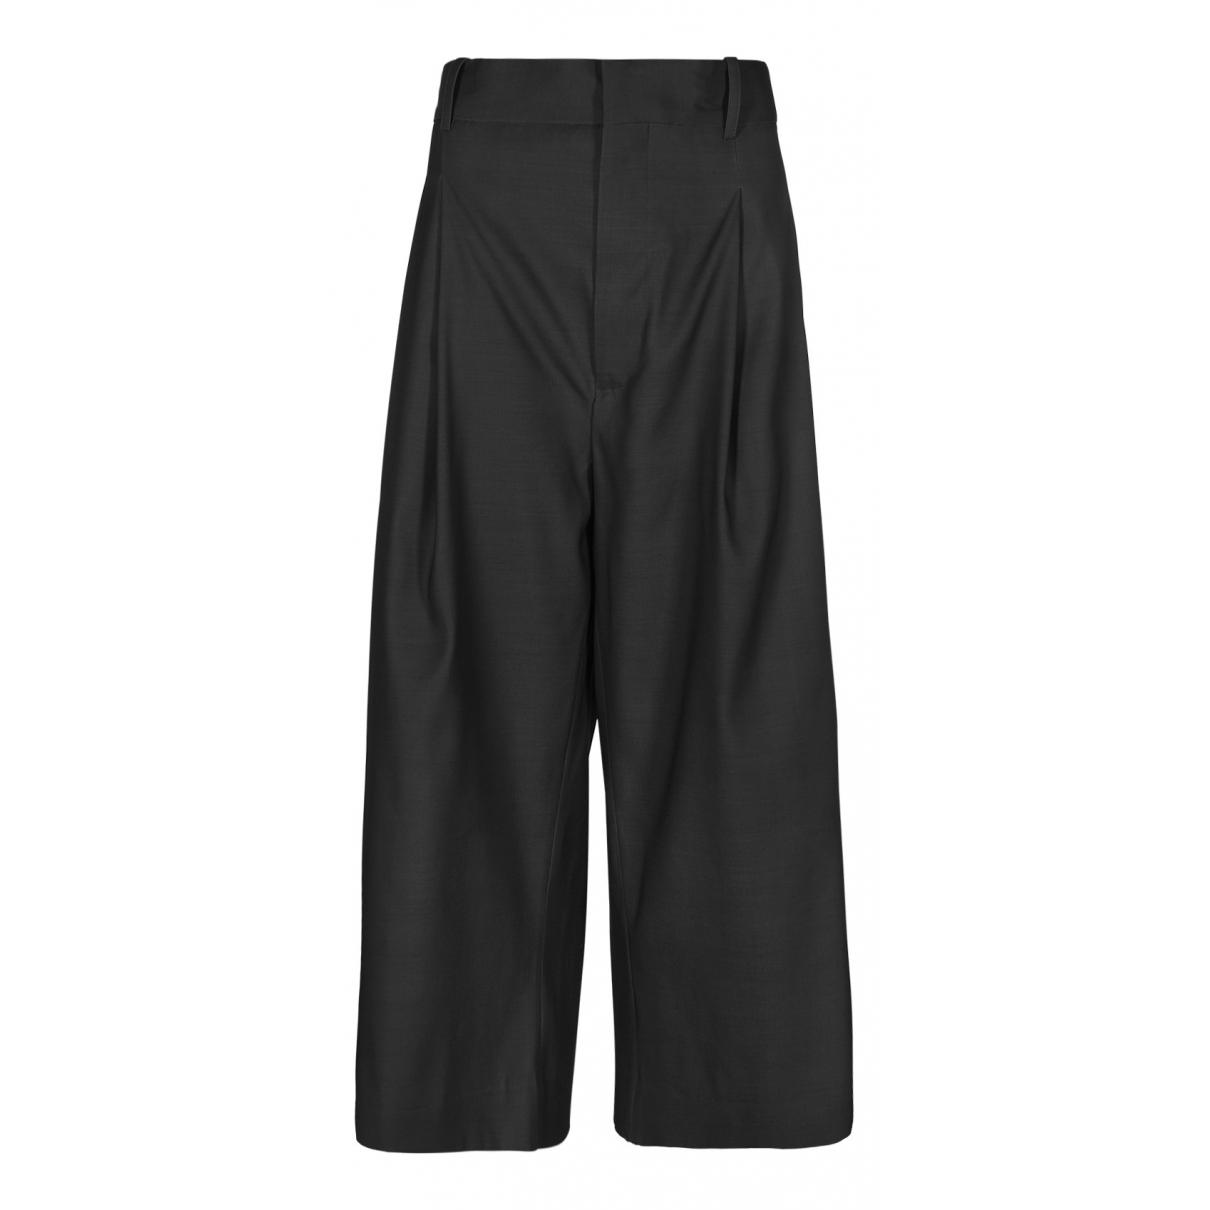 Marni - Pantalon   pour femme en laine - gris